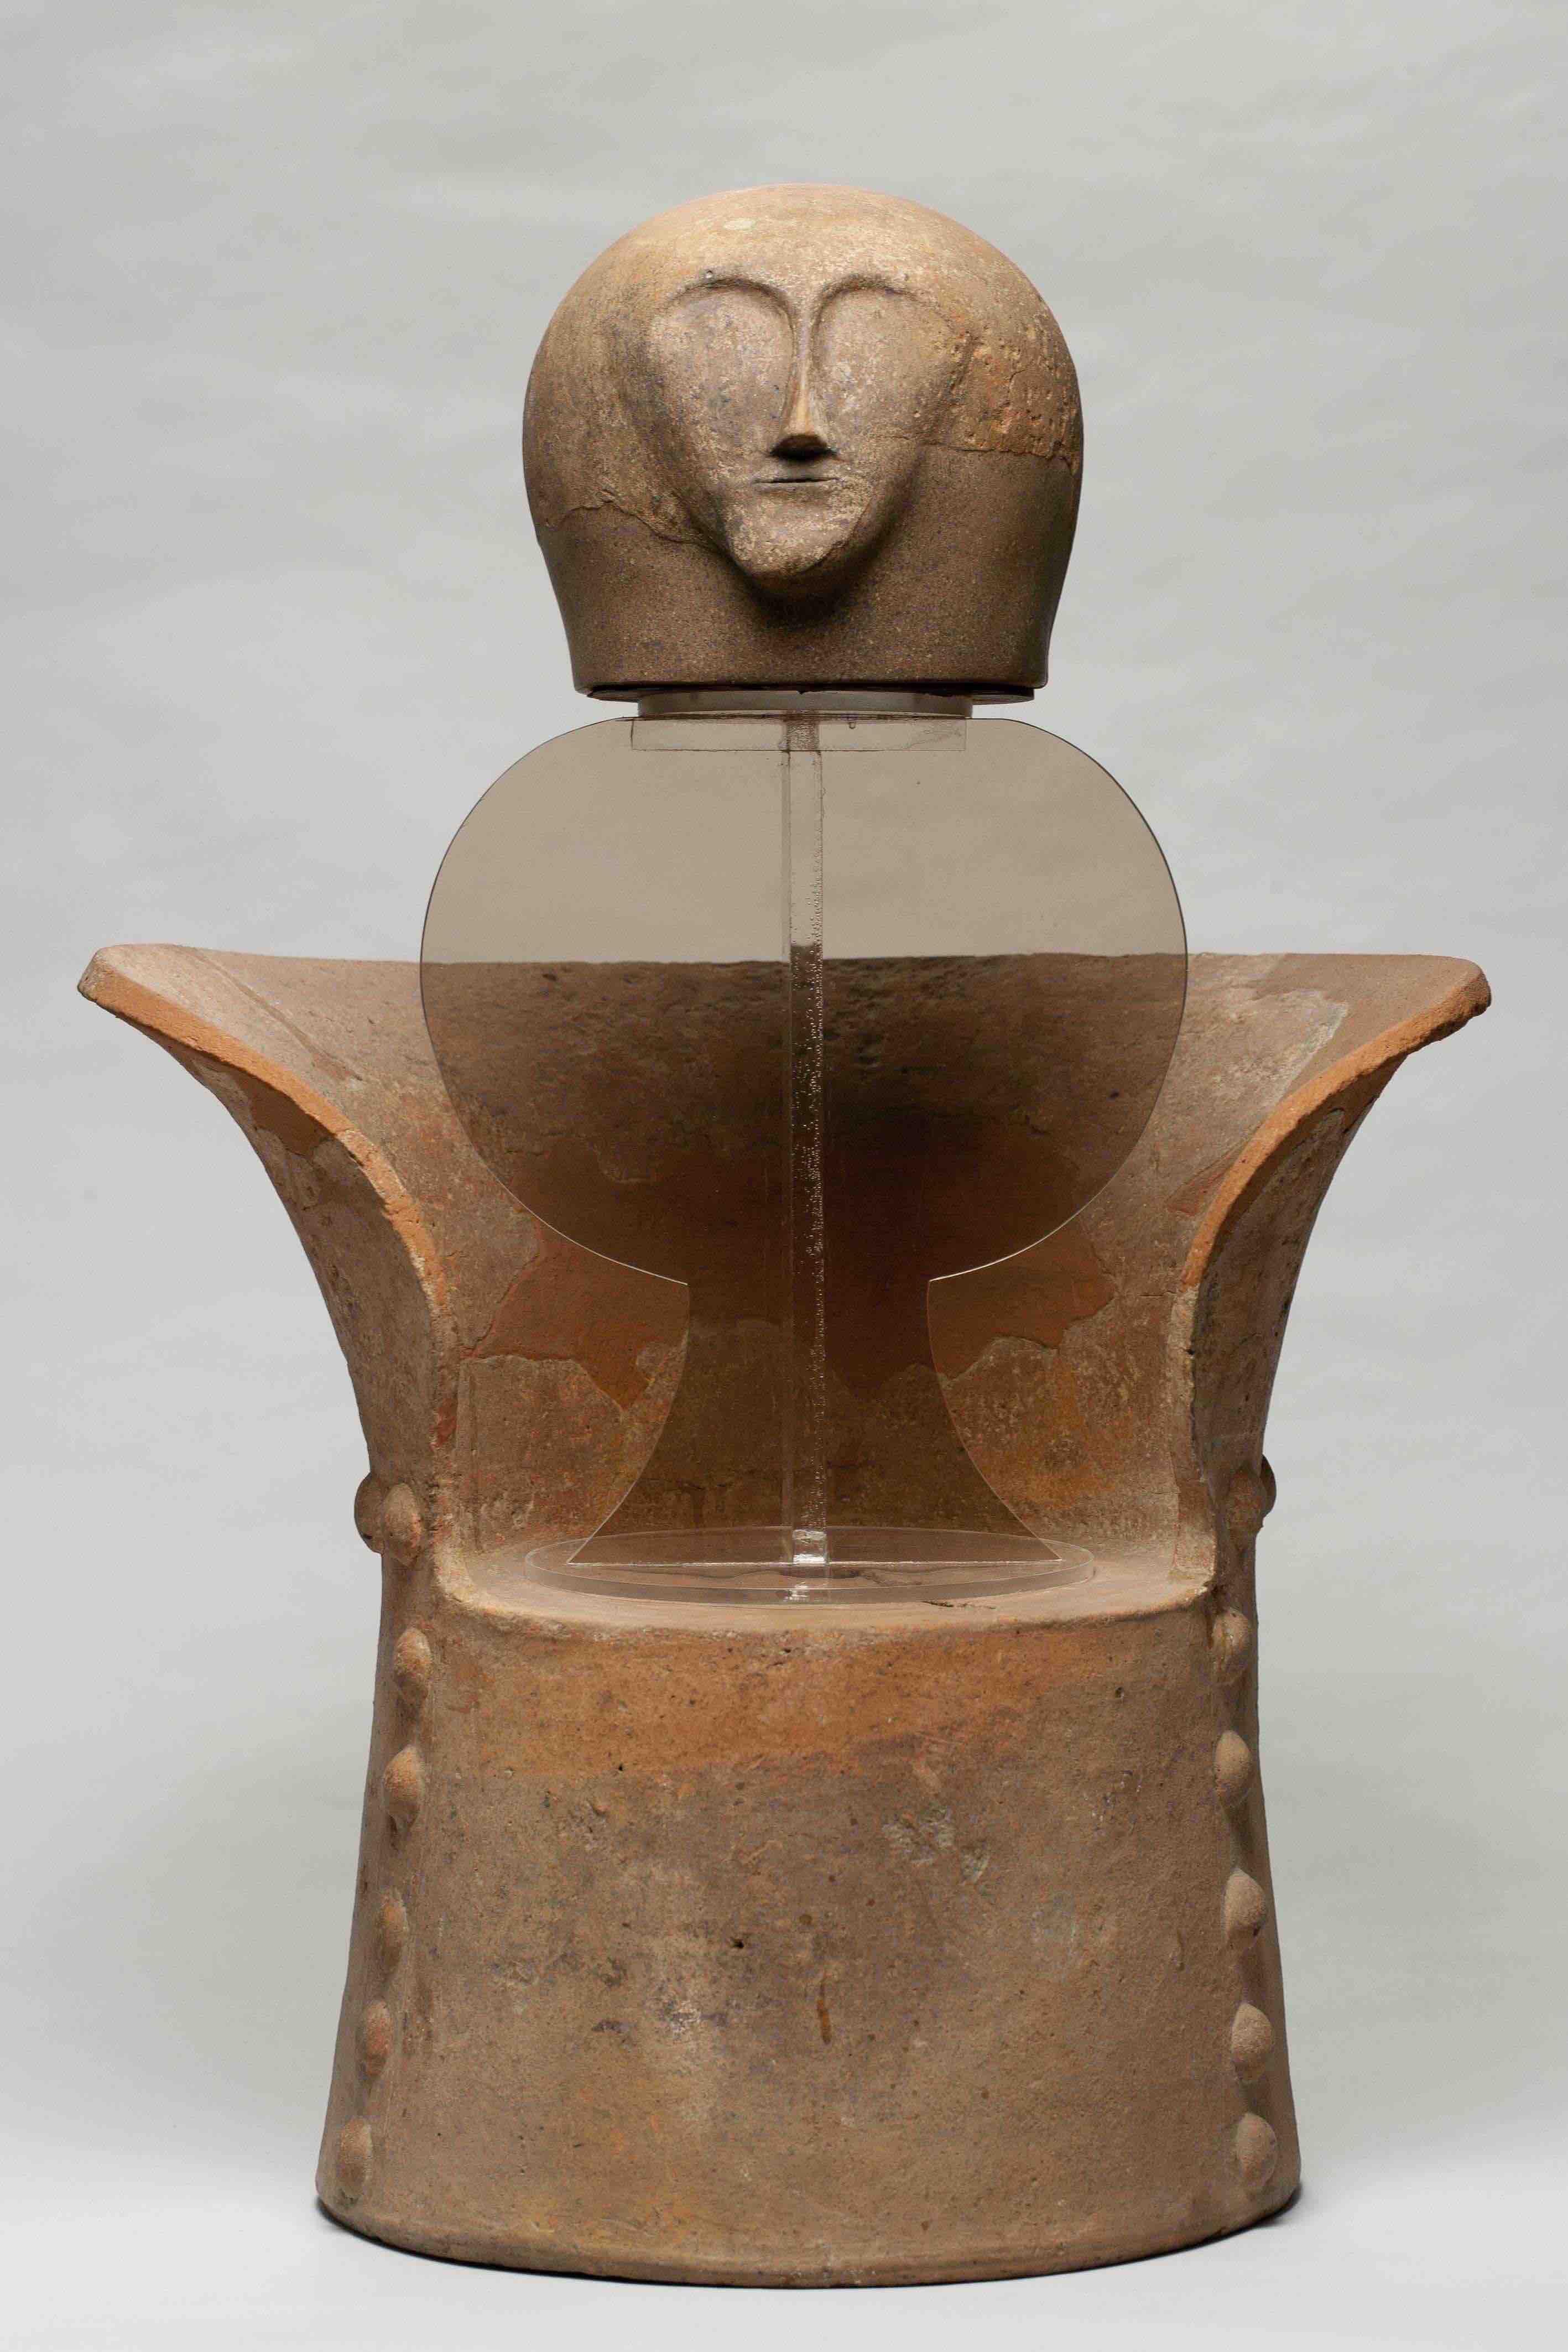 GG museo archeologico di milano ad aprile1